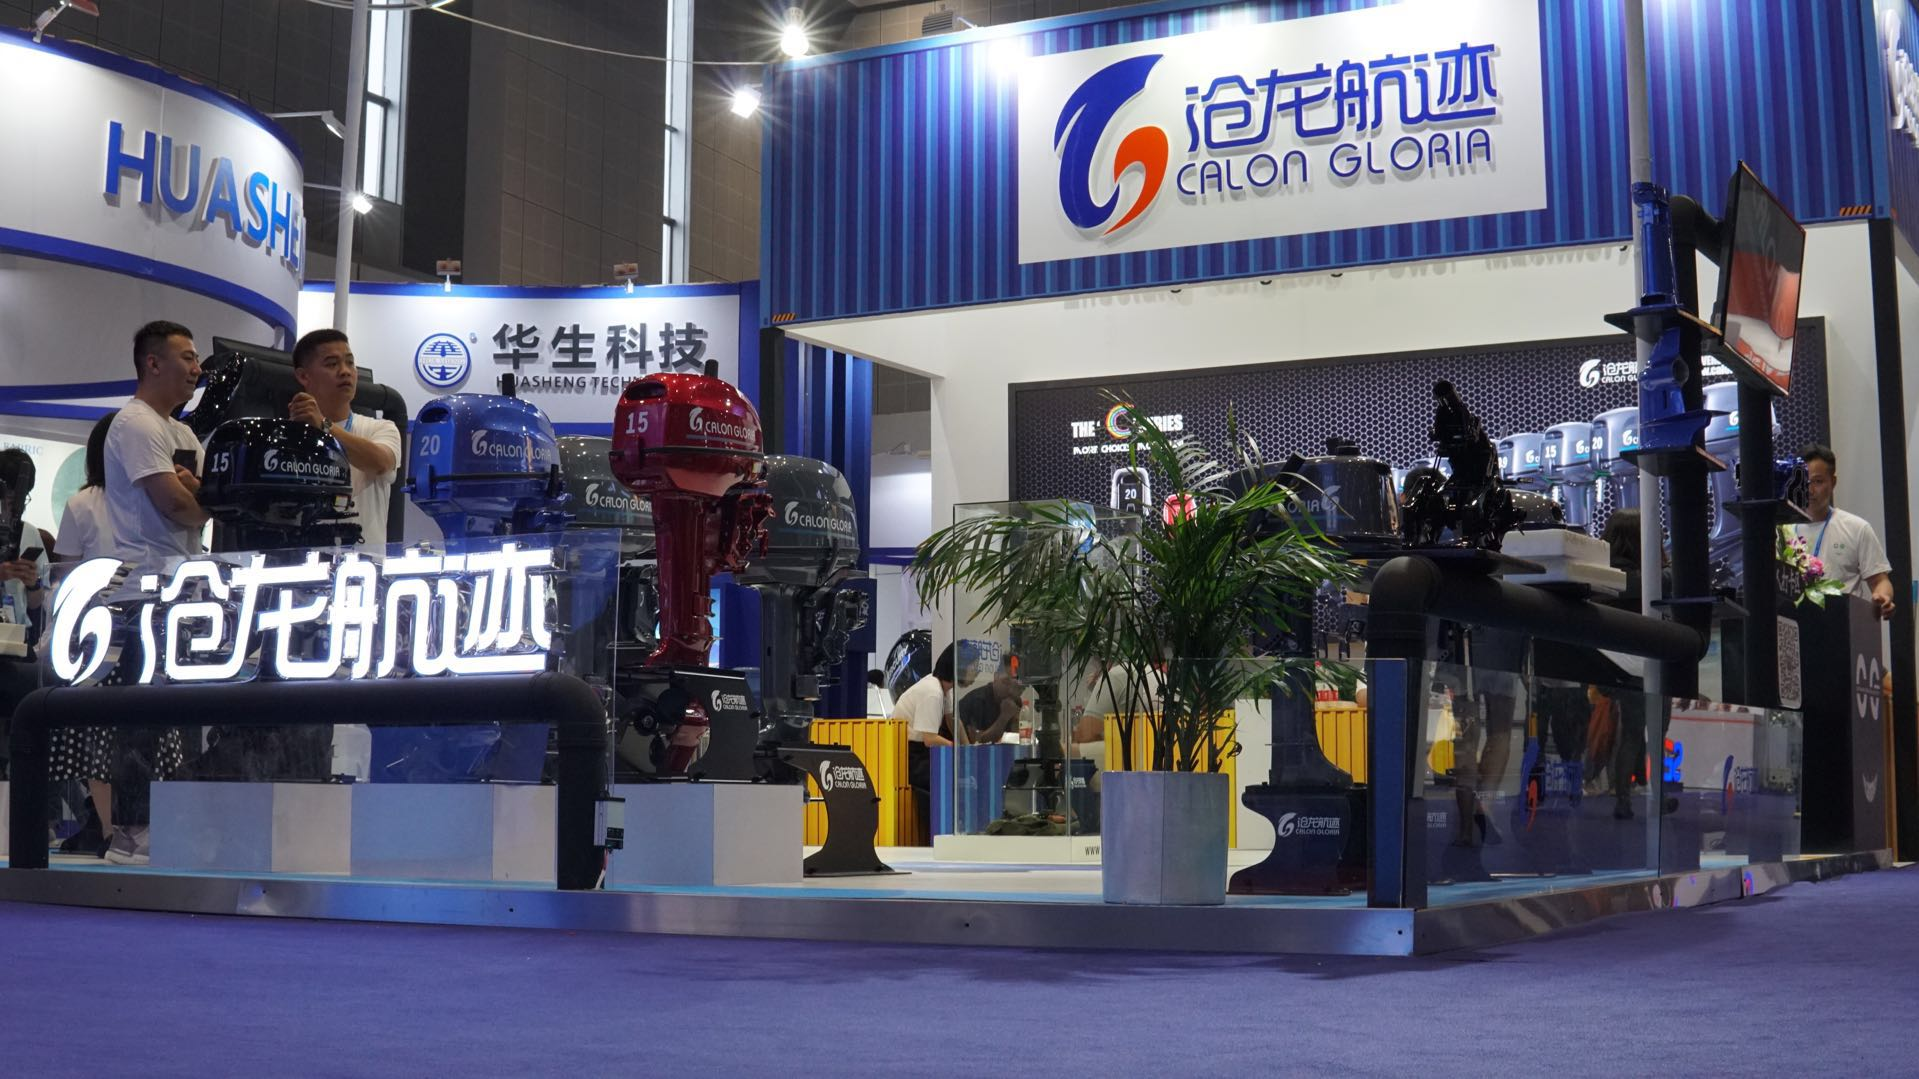 2019 CG MARINE в 2019 CIBS Шанхайская международная выставка лодок